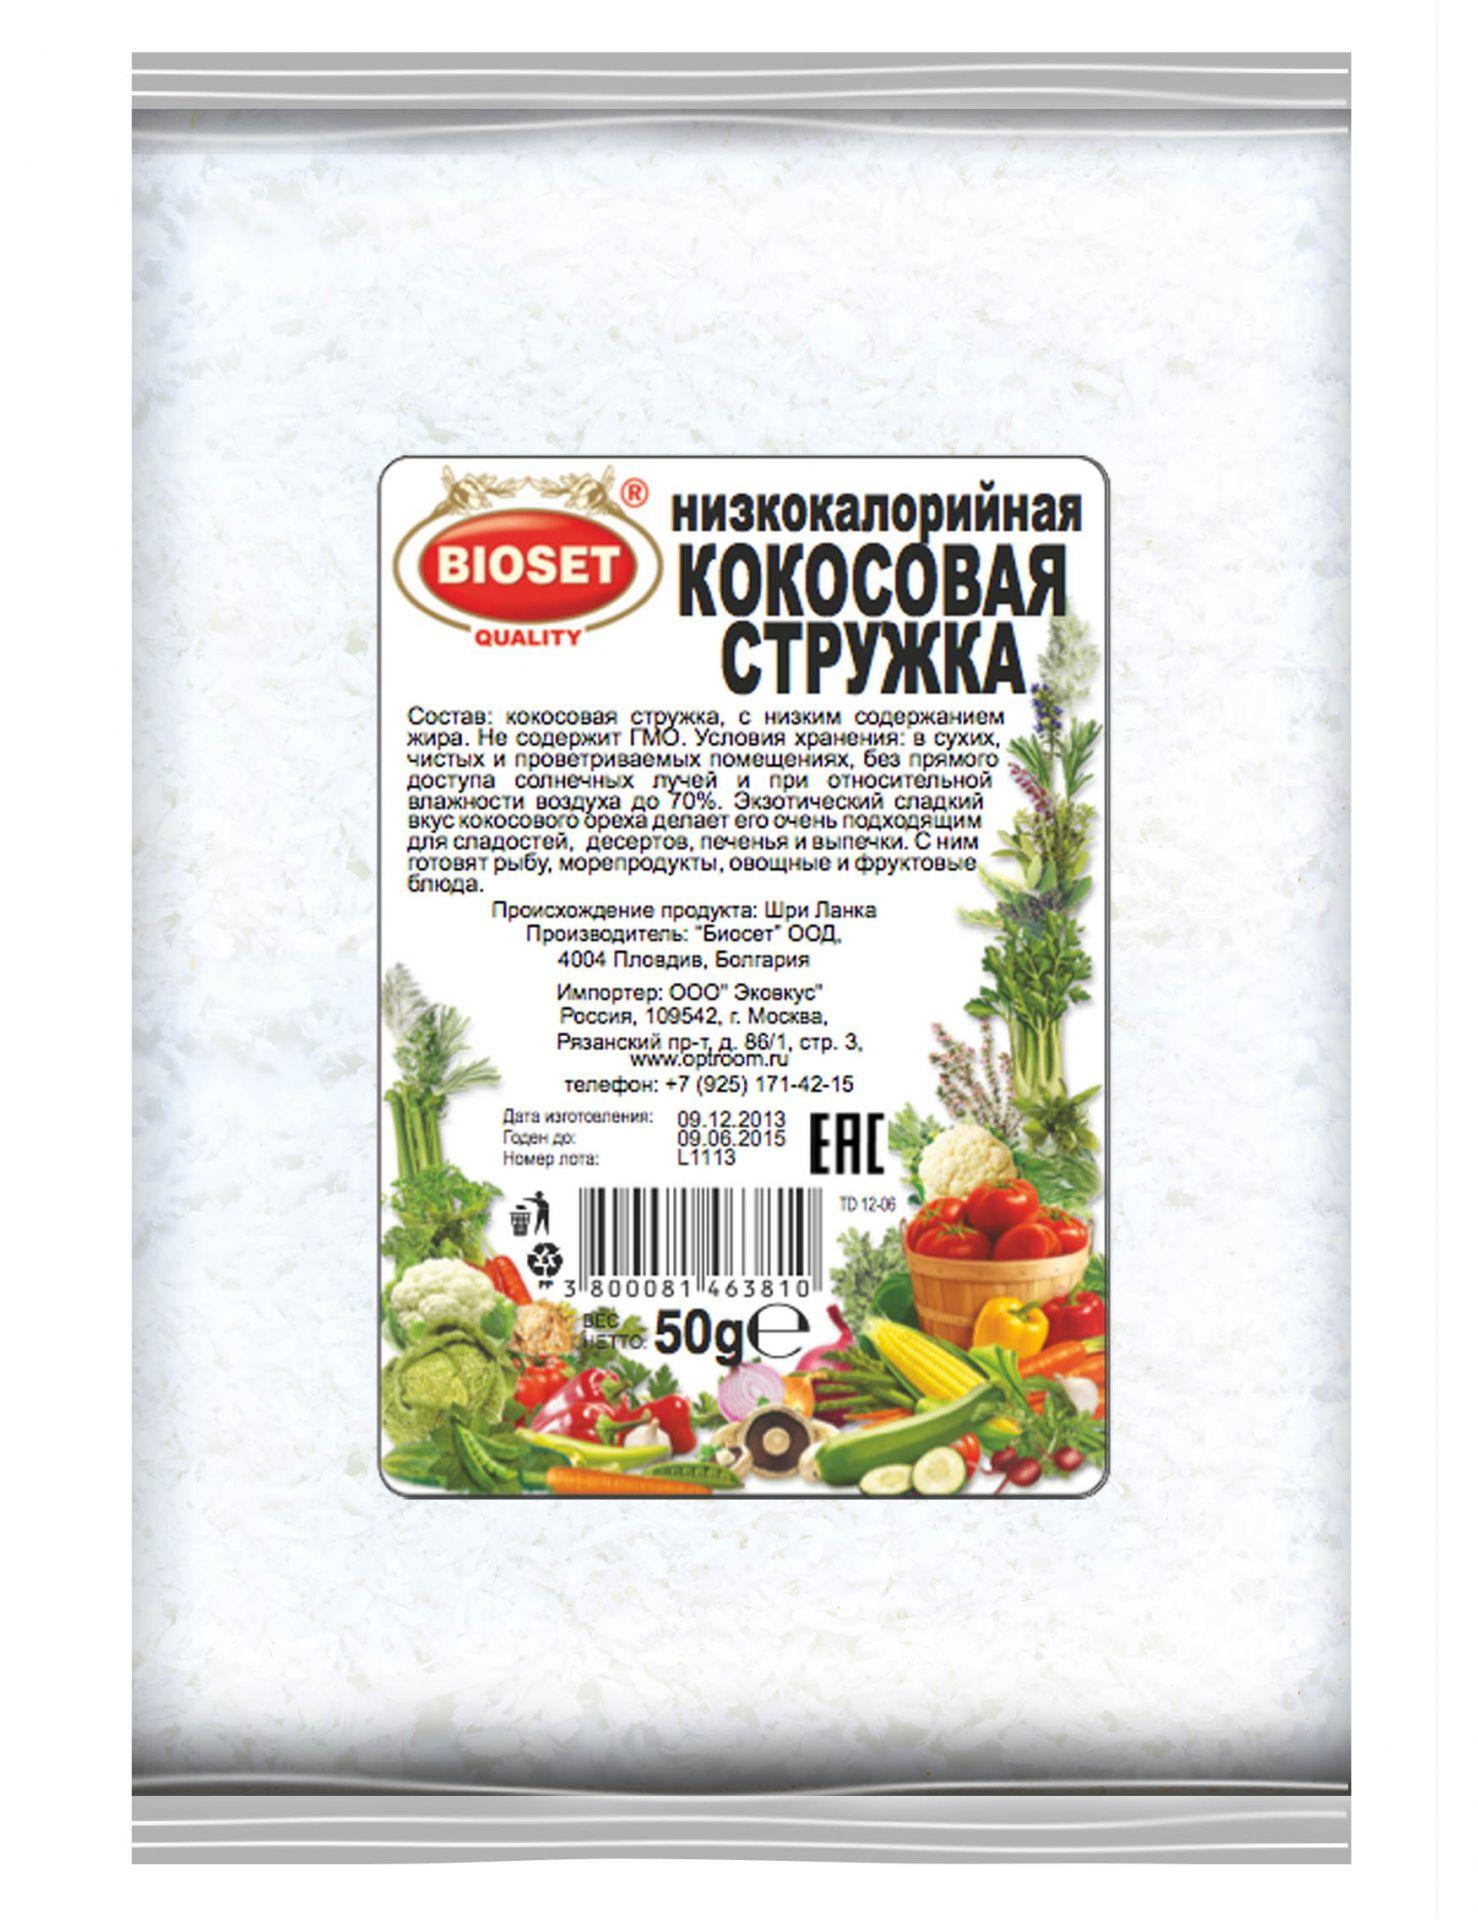 Кокосовая стружка с низким содержанием жира «Bioset», 50г